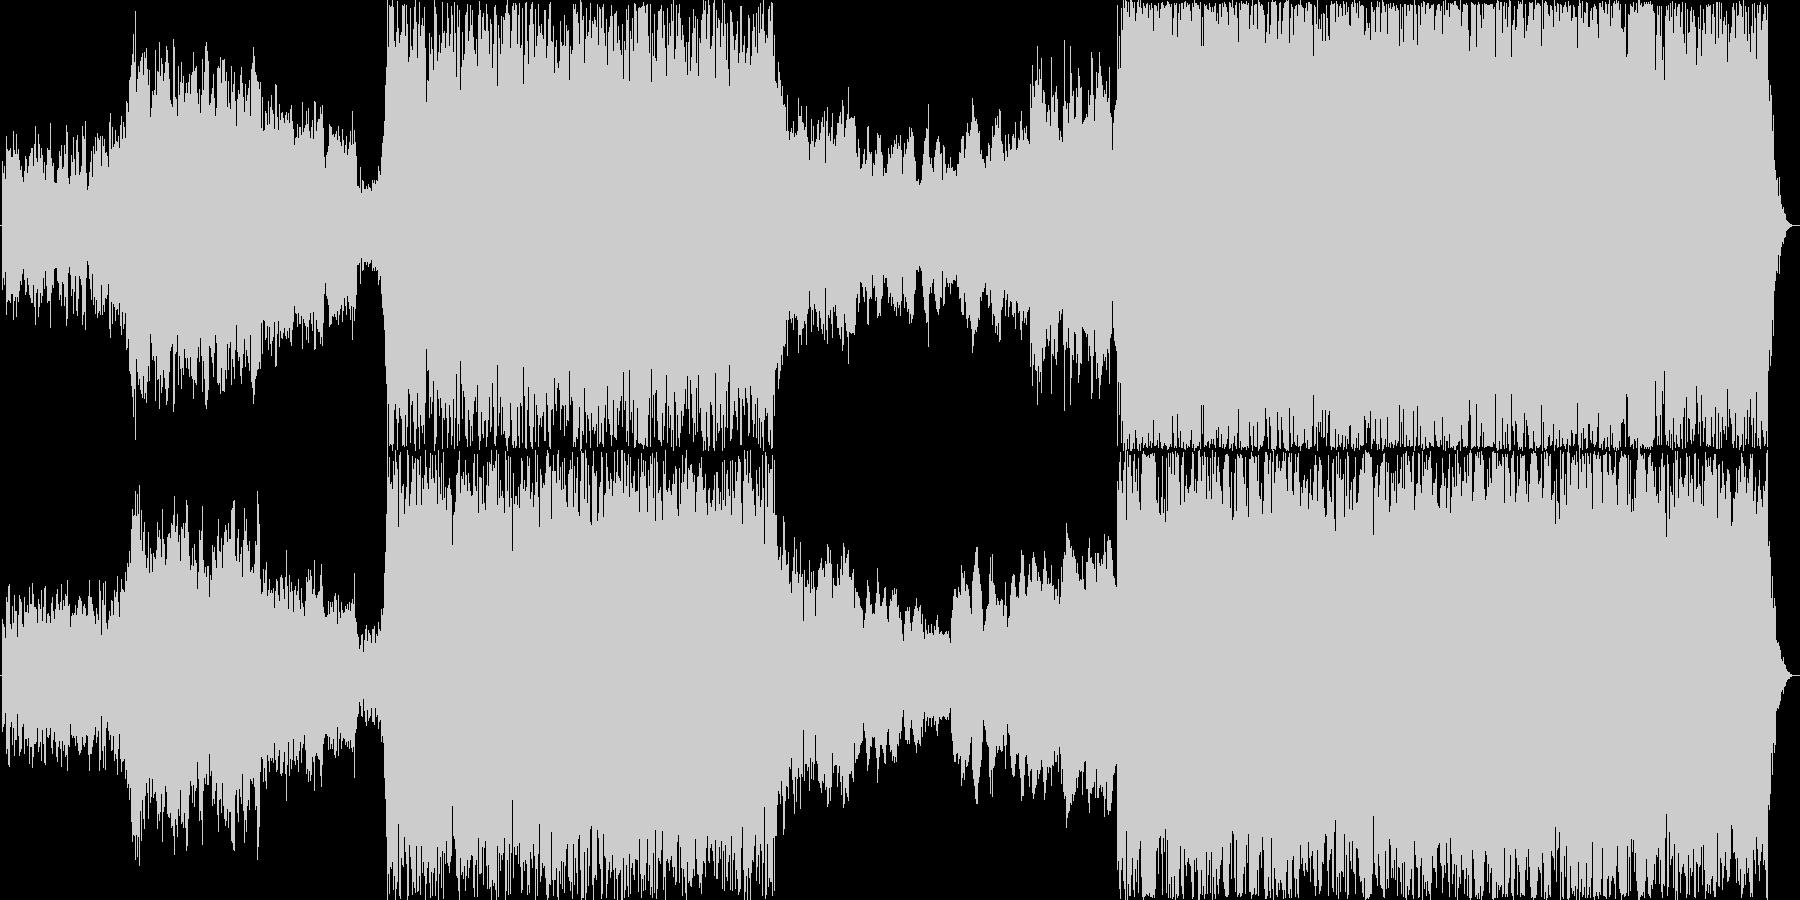 力強いパーカッションとオーケストラBGMの未再生の波形